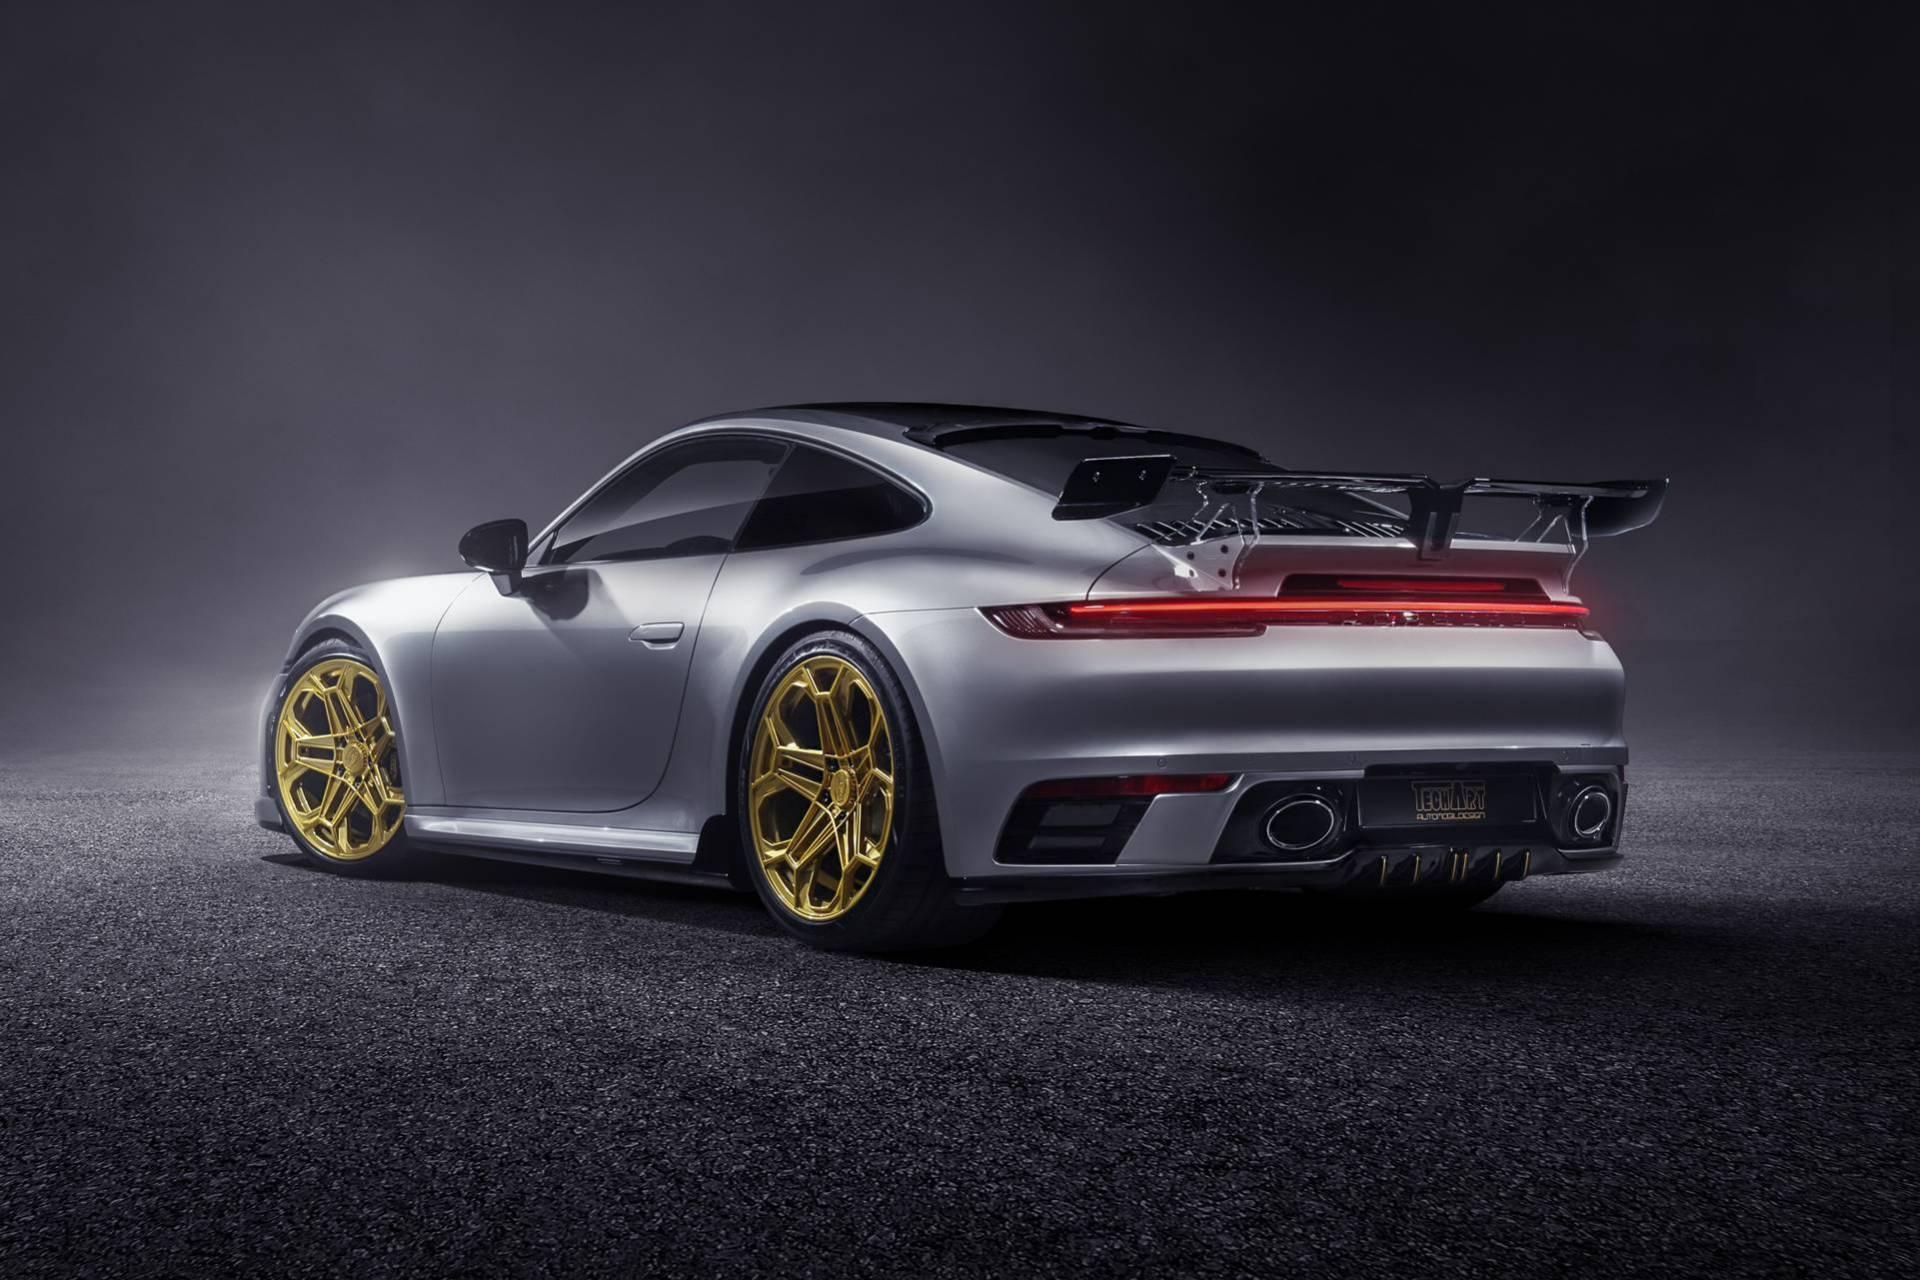 Porsche 911 2020 lot xac voi goi do thu cong hinh anh 9